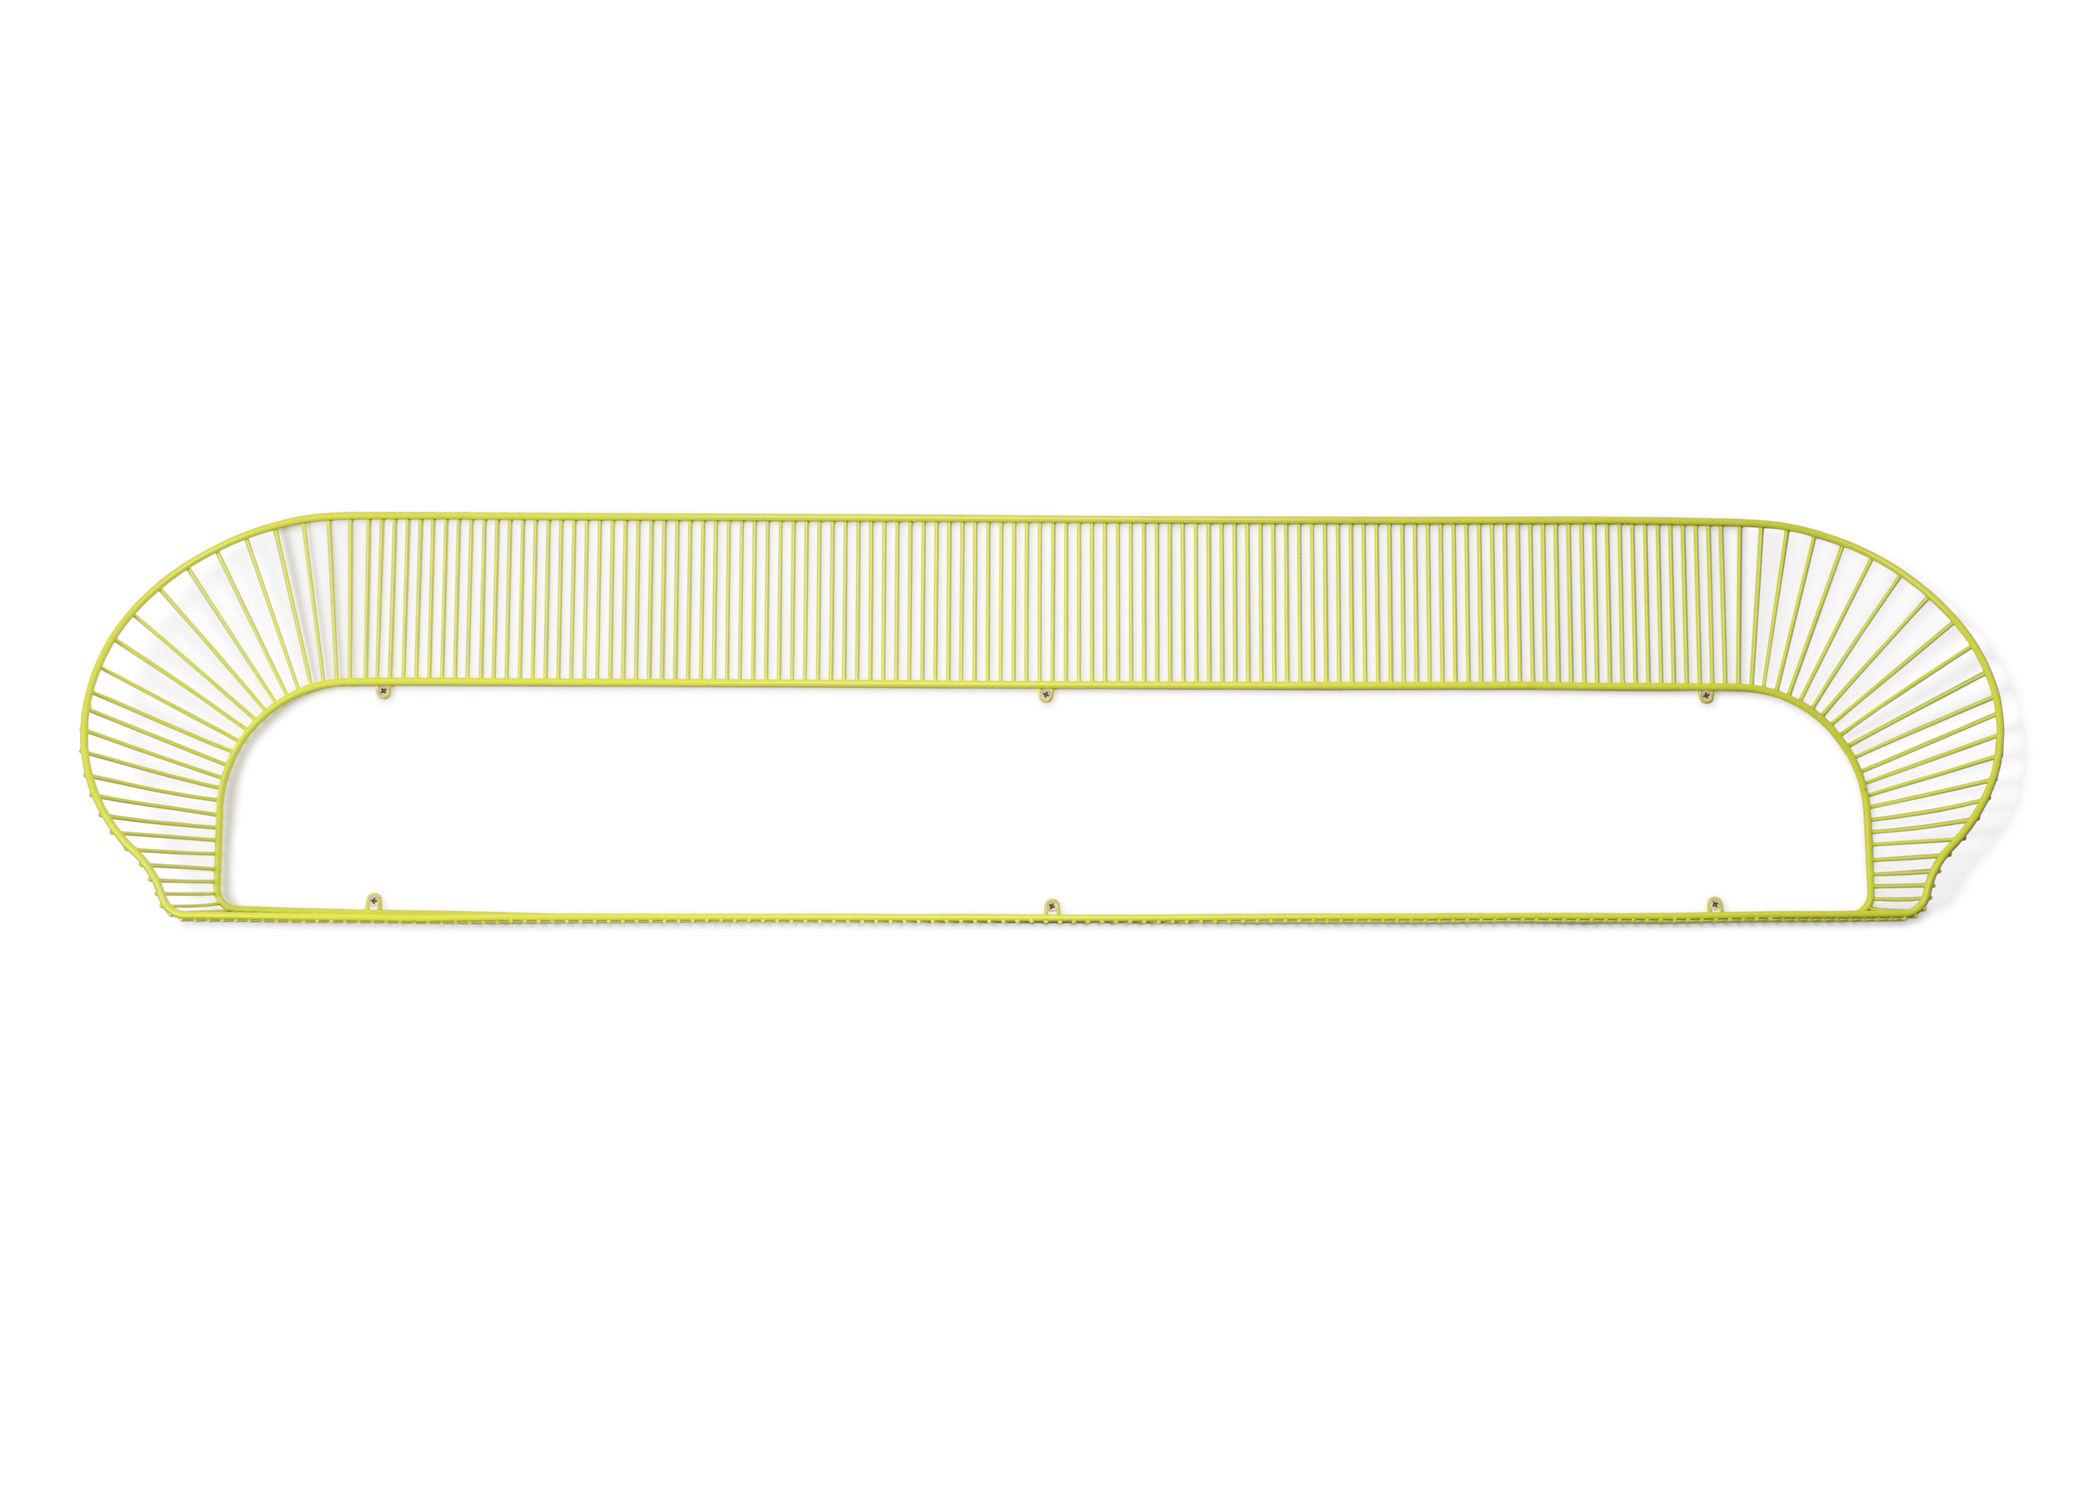 Mobilier - Etagères & bibliothèques - Etagère Loop / L 160 cm - Petite Friture - Jaune citron - Acier peint